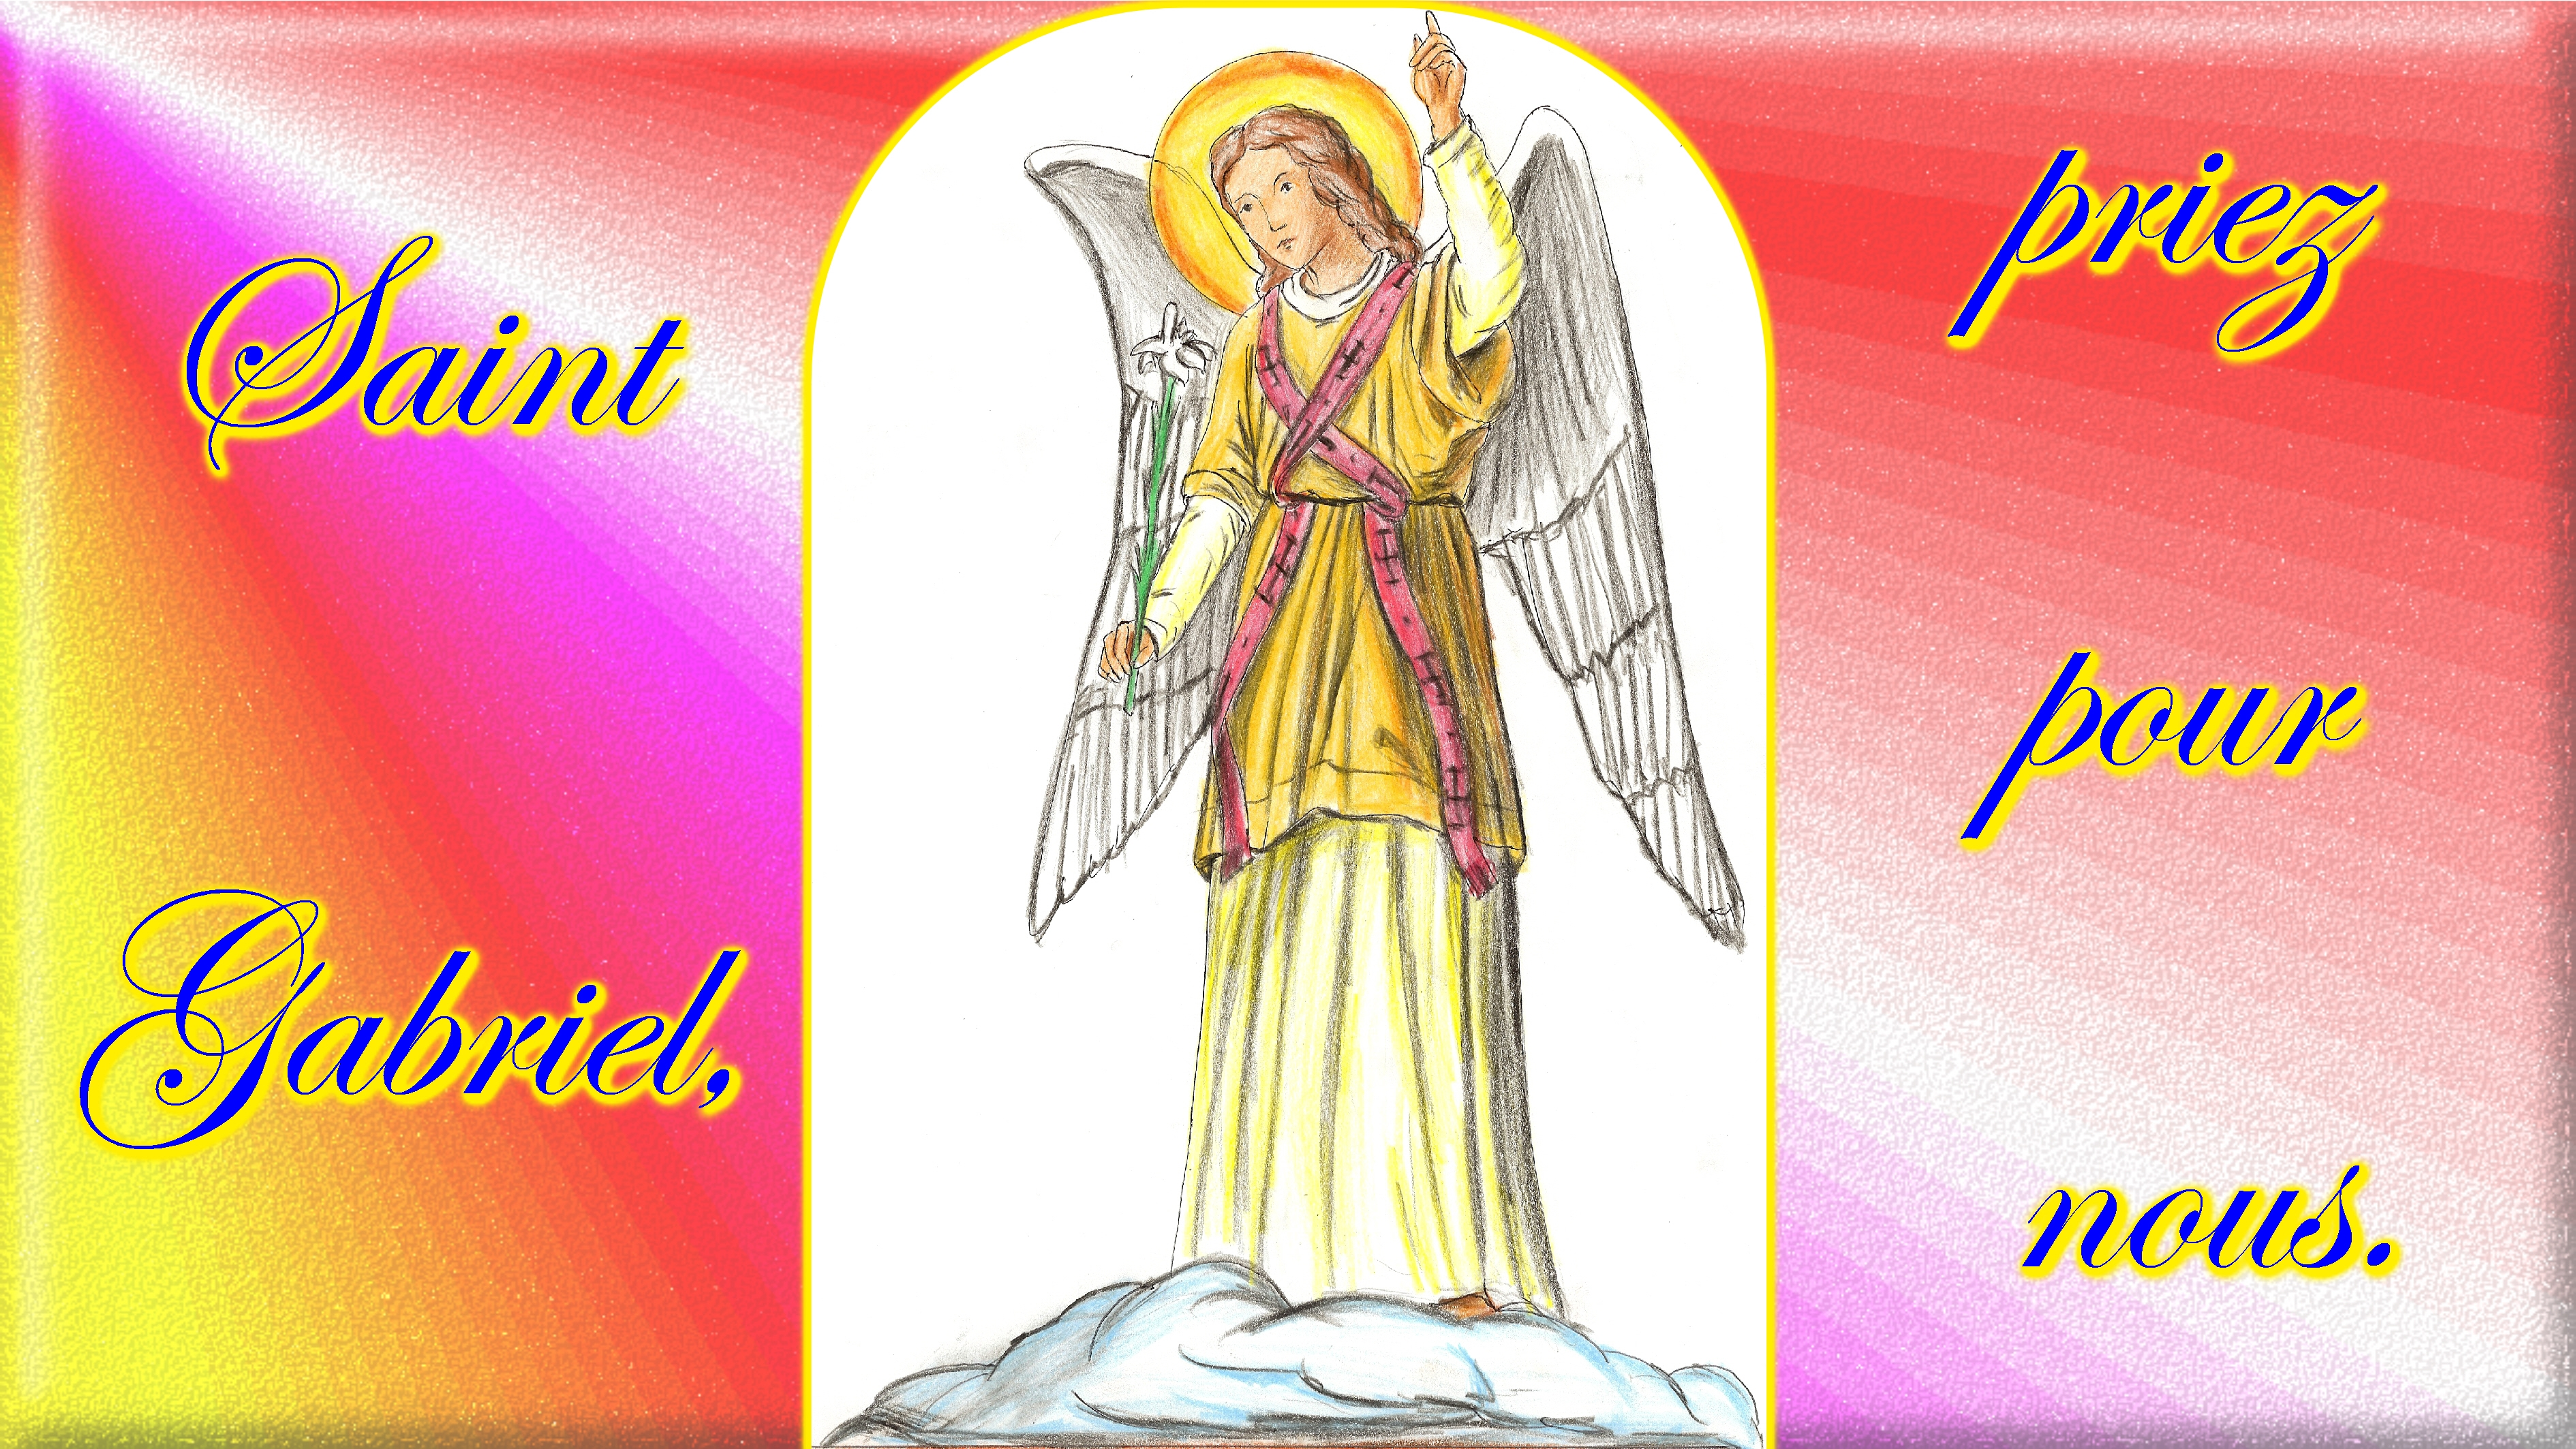 CALENDRIER CATHOLIQUE 2020 (Cantiques, Prières & Images) - Page 9 St-gabriel-572b4e9